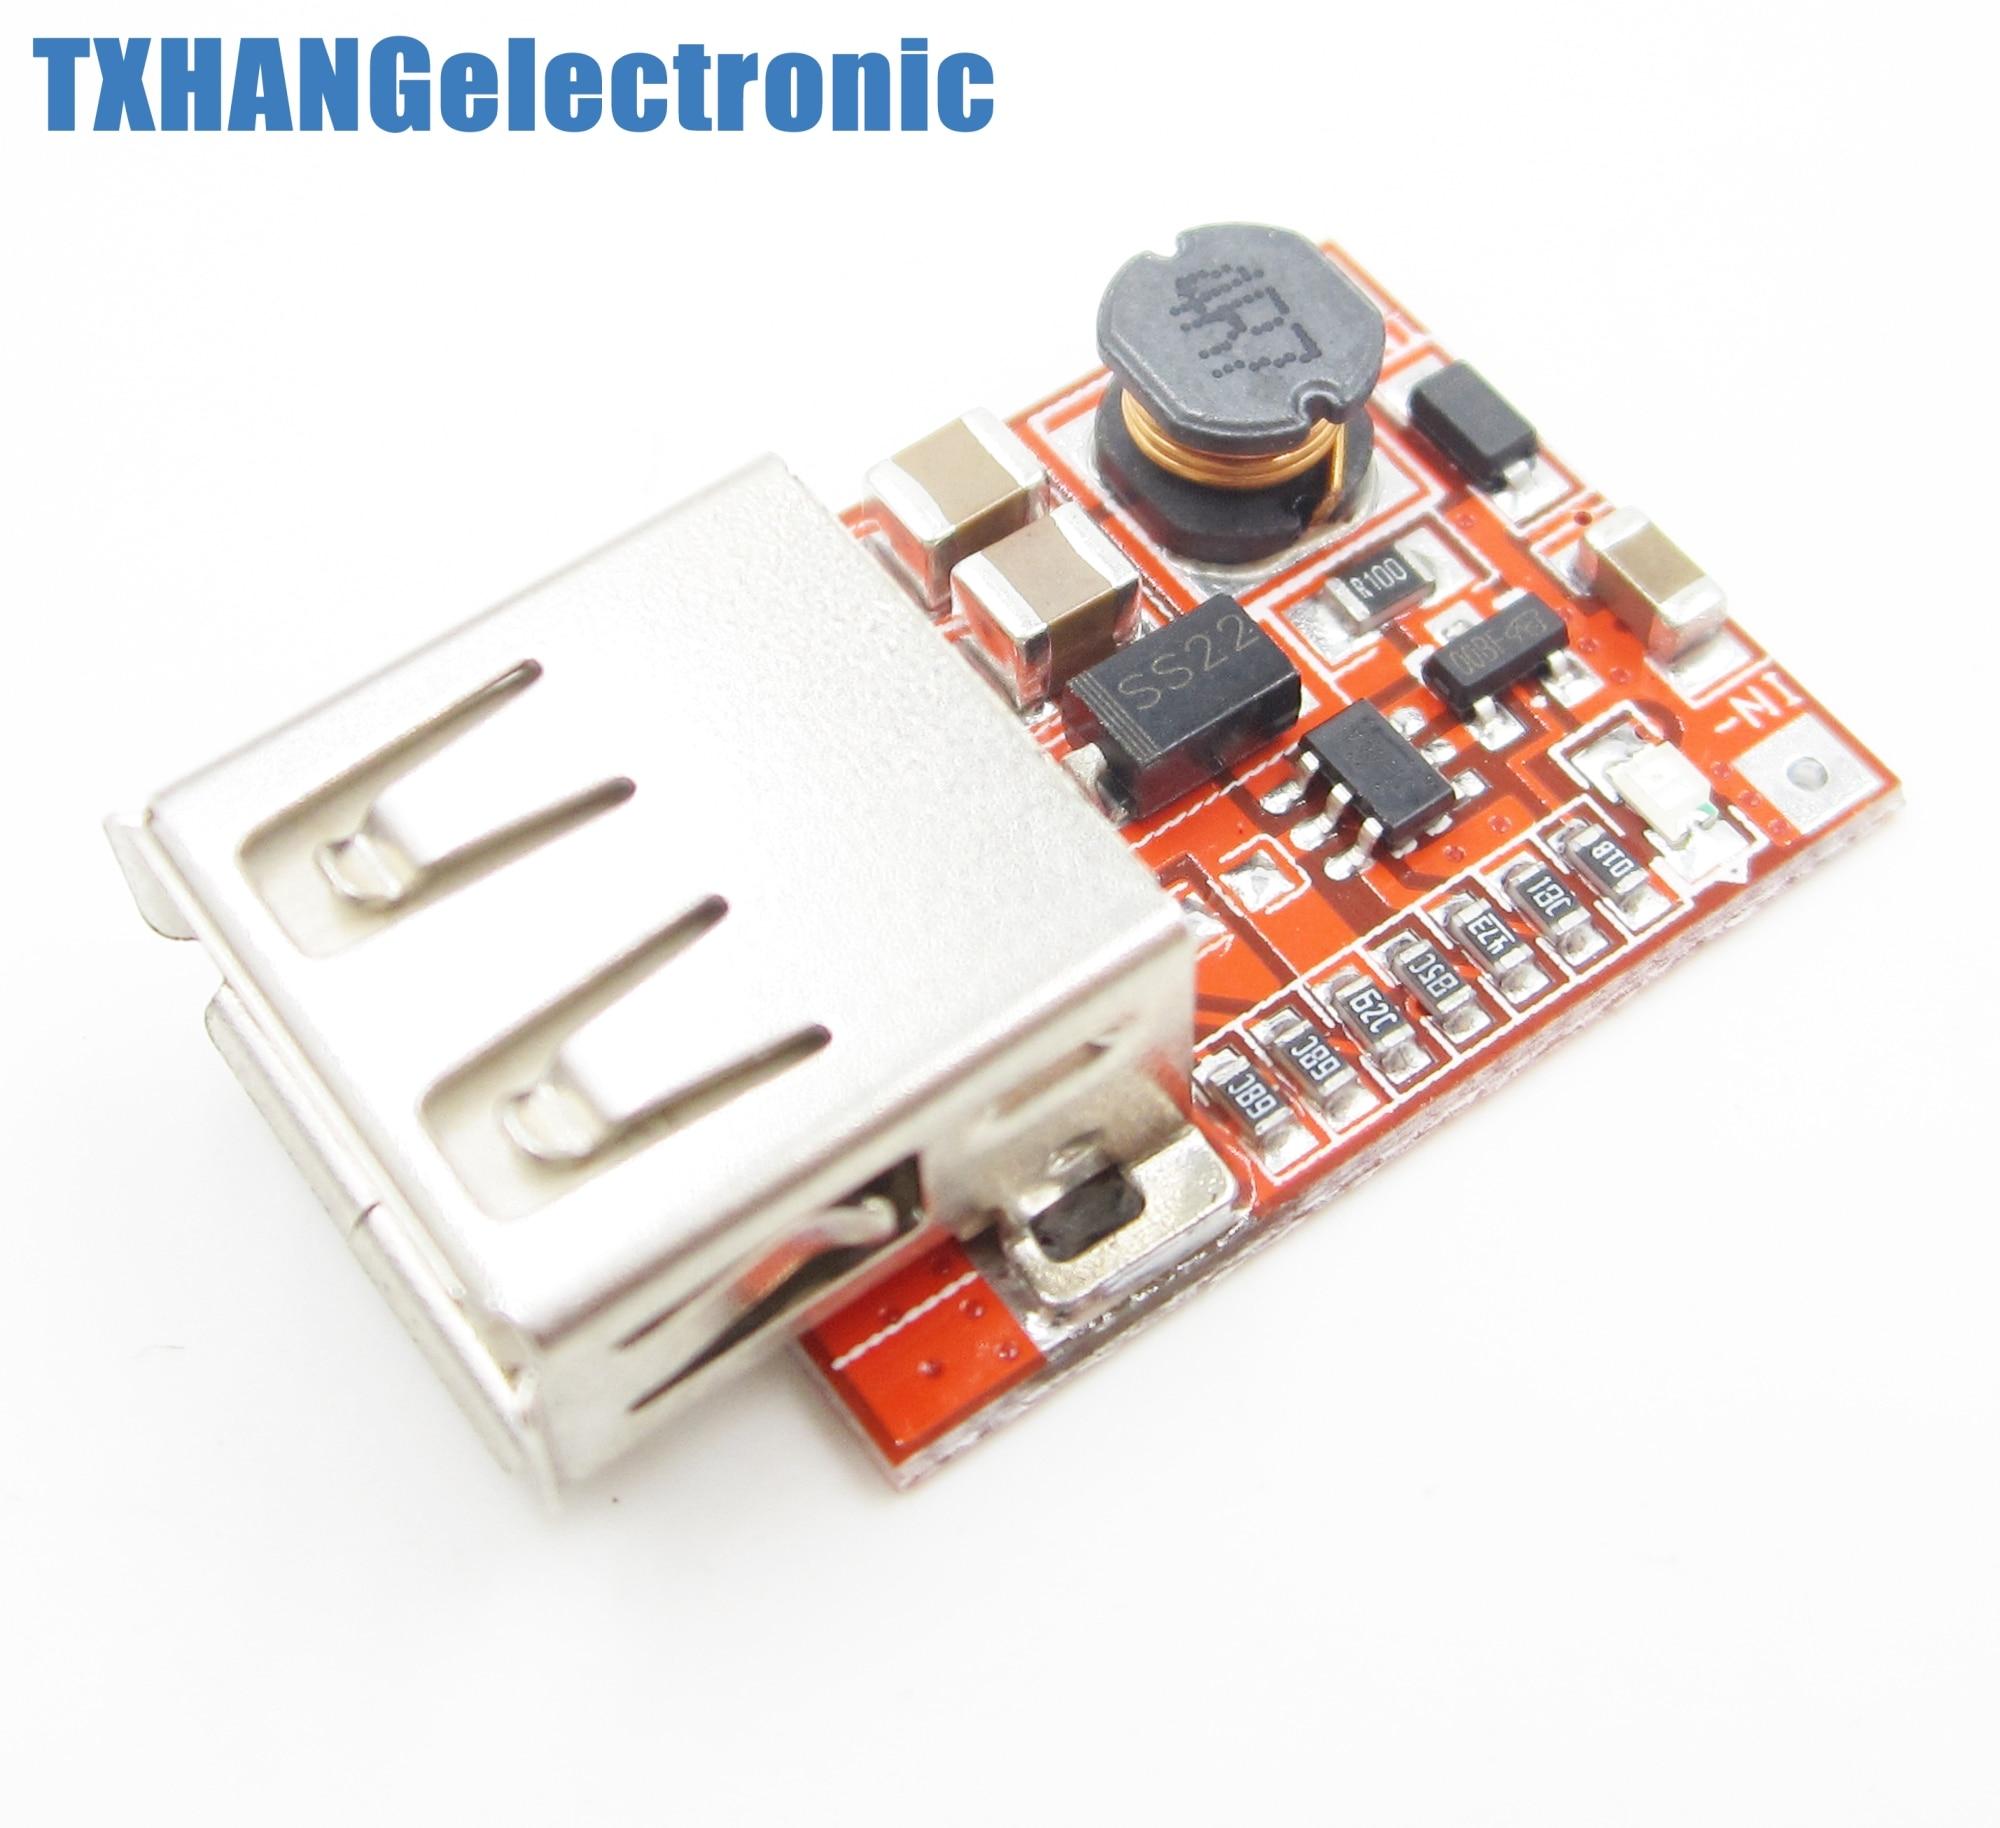 ᐃ3 V a 5 V 1A cargador USB para MP3 MP4 teléfono DC-DC Converter ...